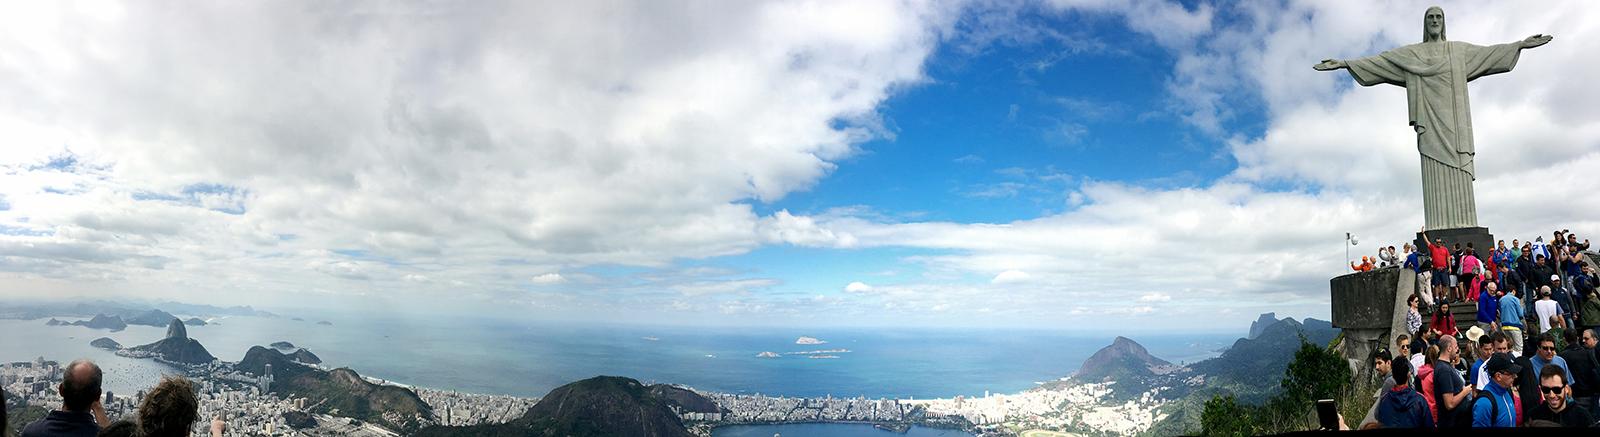 AMG2016_RIO_158